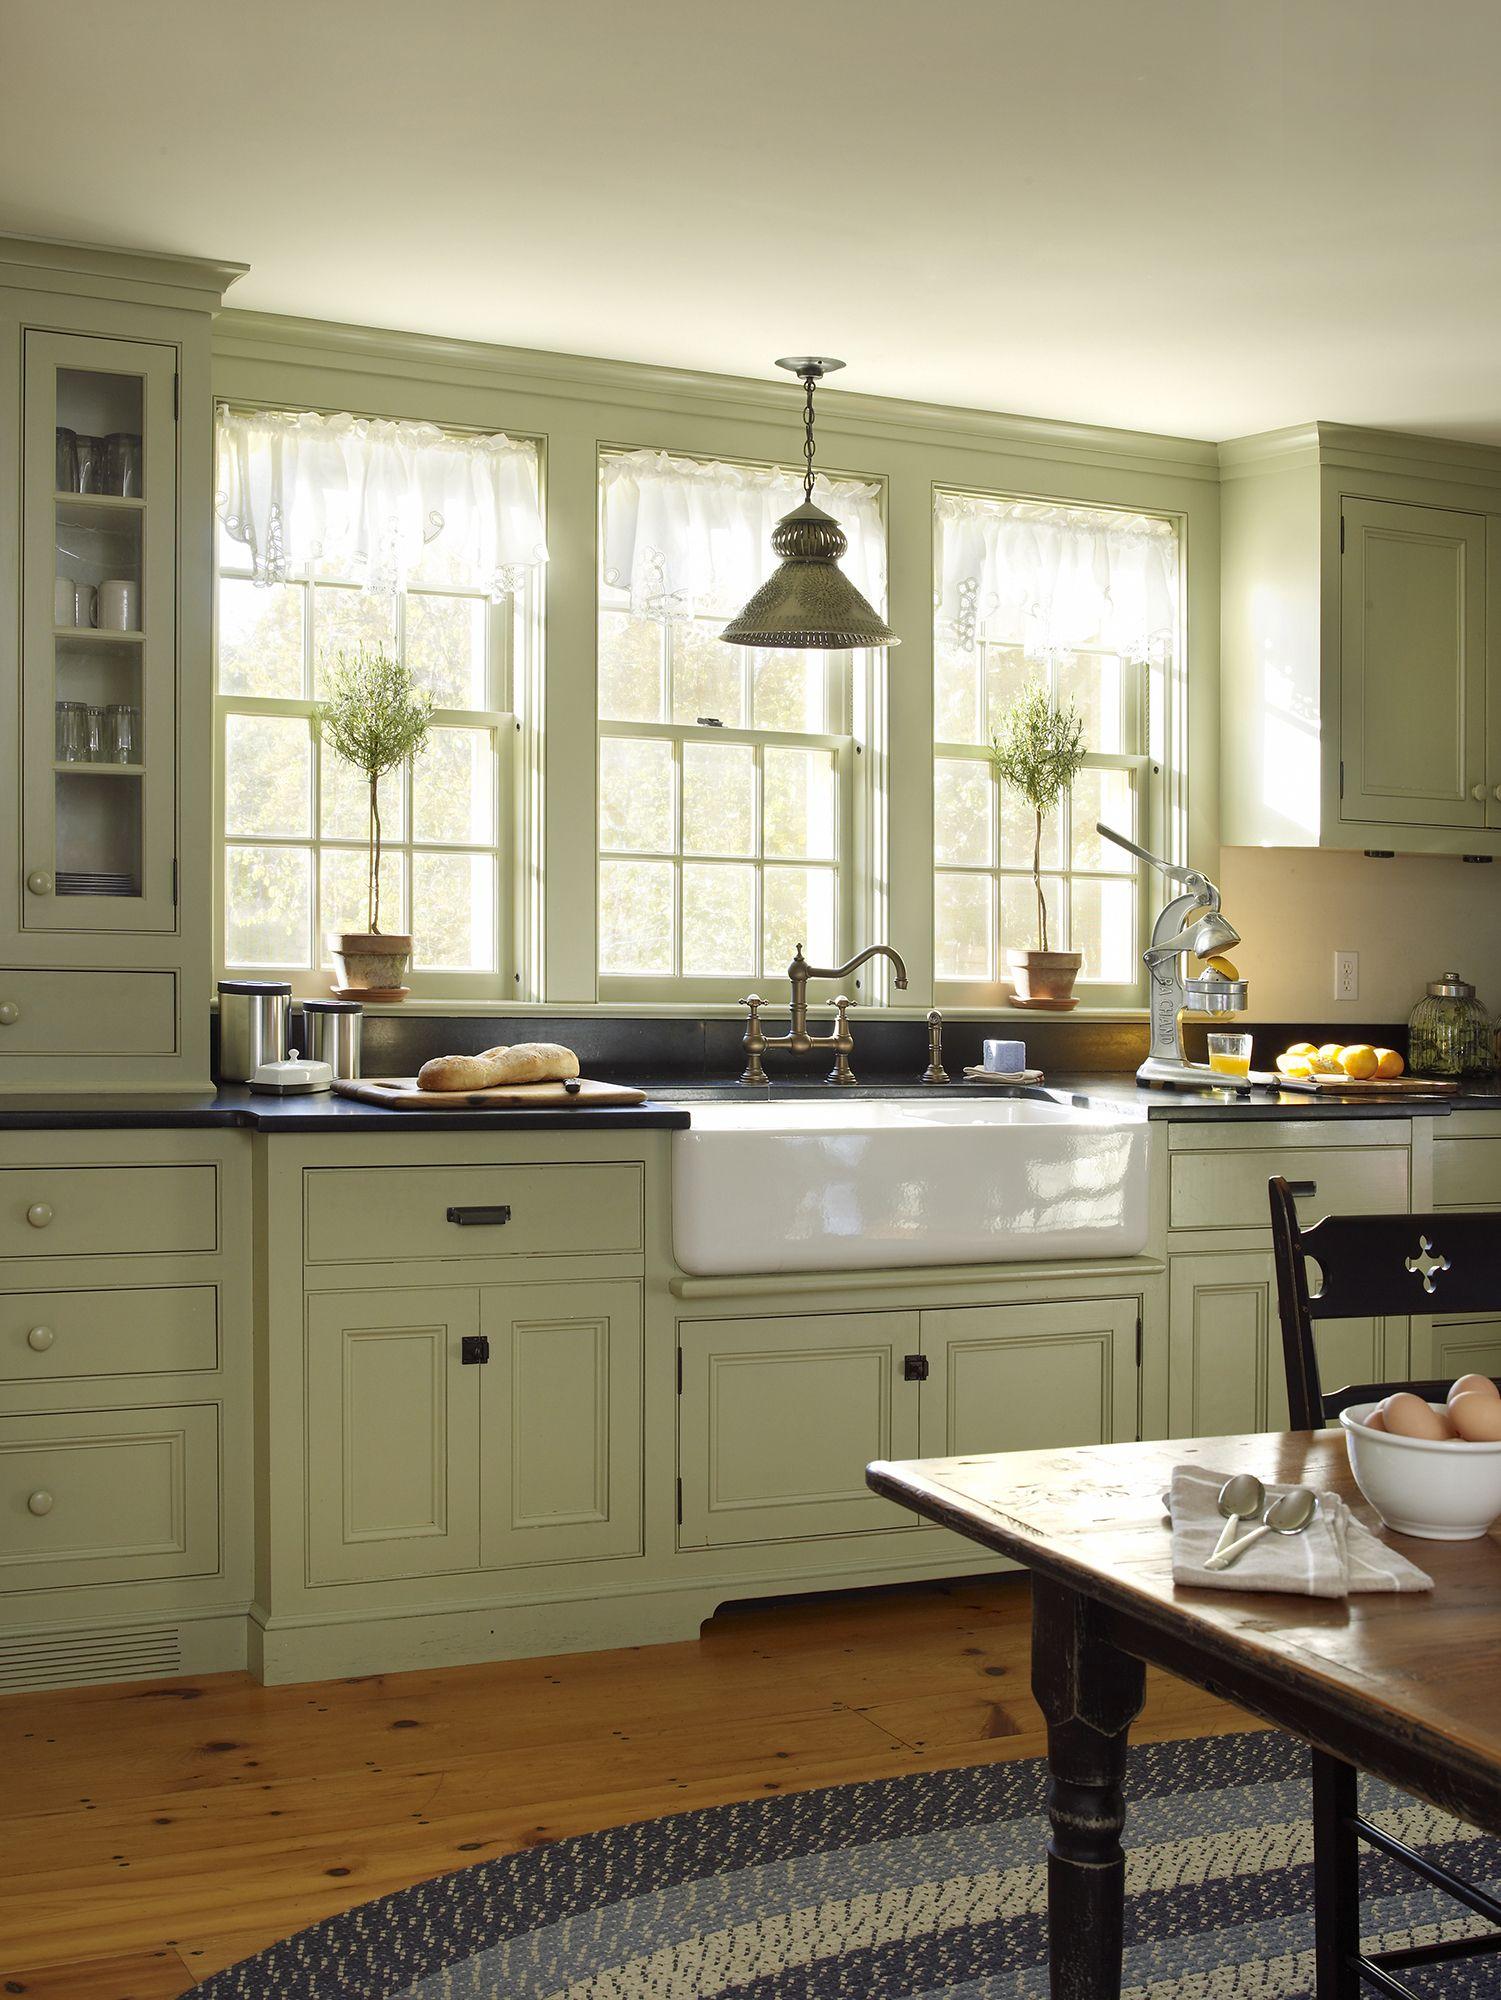 Vintage Farmhouse Farmhouse Style Kitchen Cabinets Kitchen Cabinet Styles Farmhouse Style Kitchen